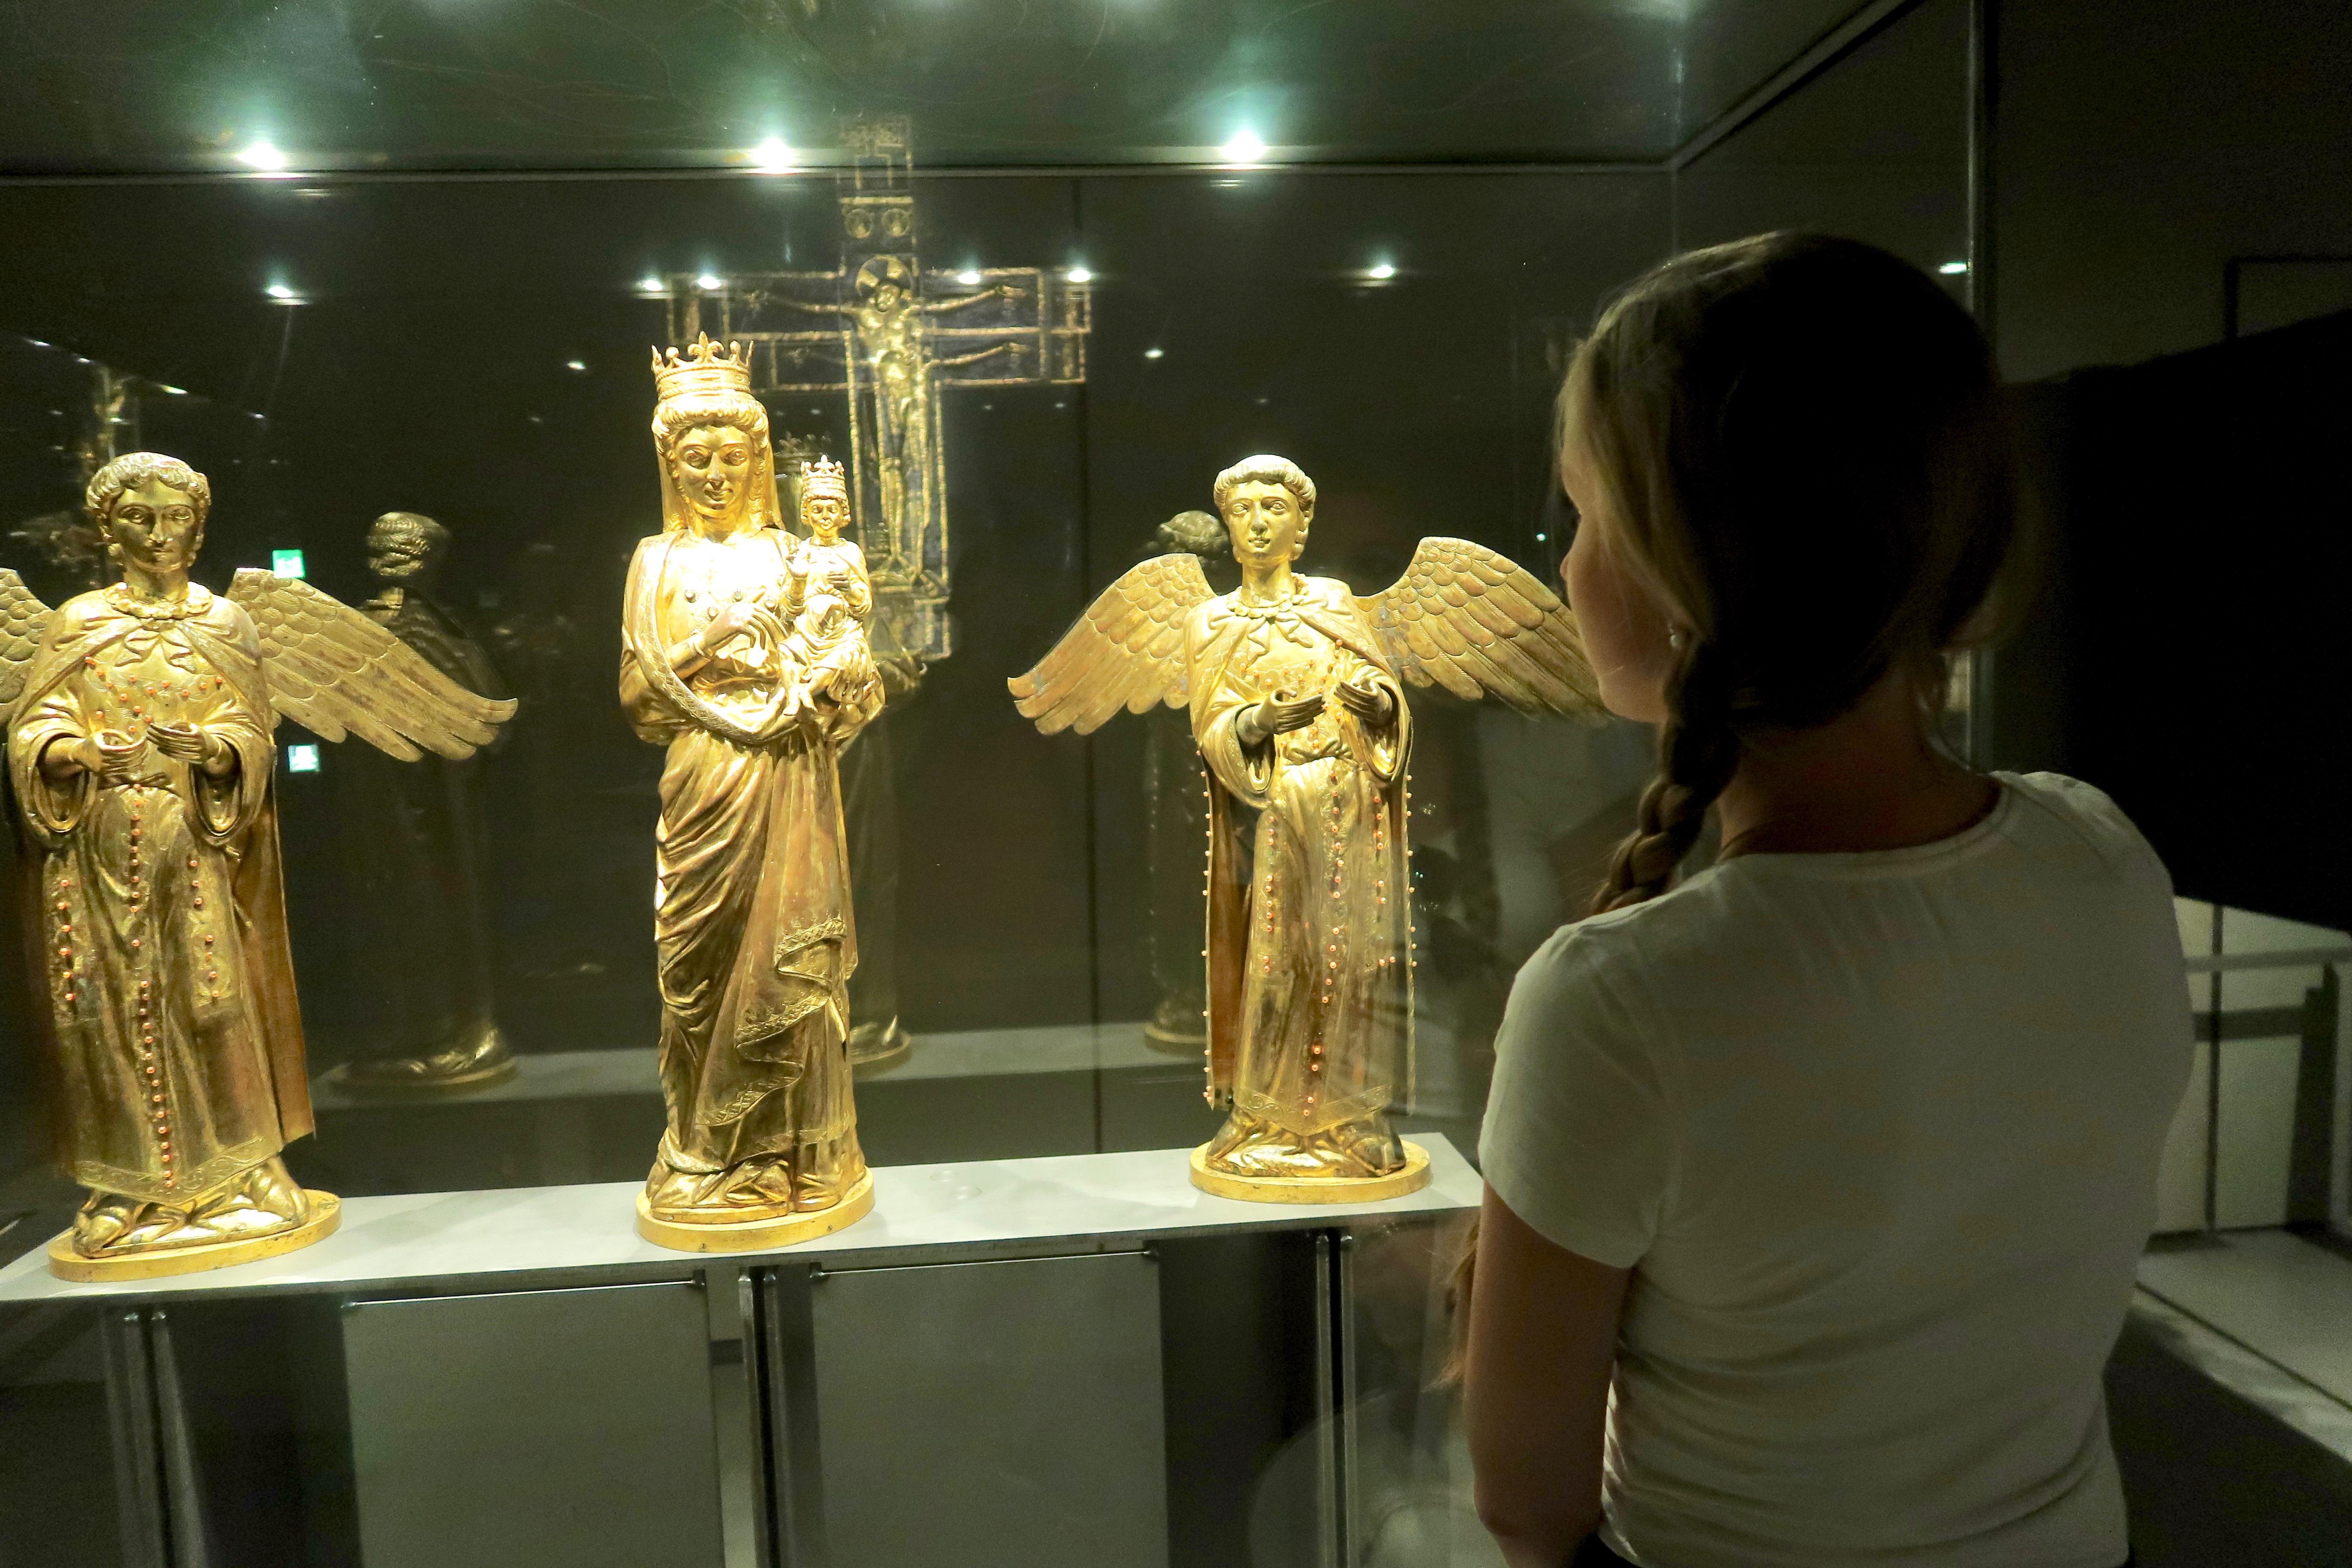 Mailand: im Dommuseum: 2 Engel und die Muttergottes Maria mit Jesus auf dem Arm